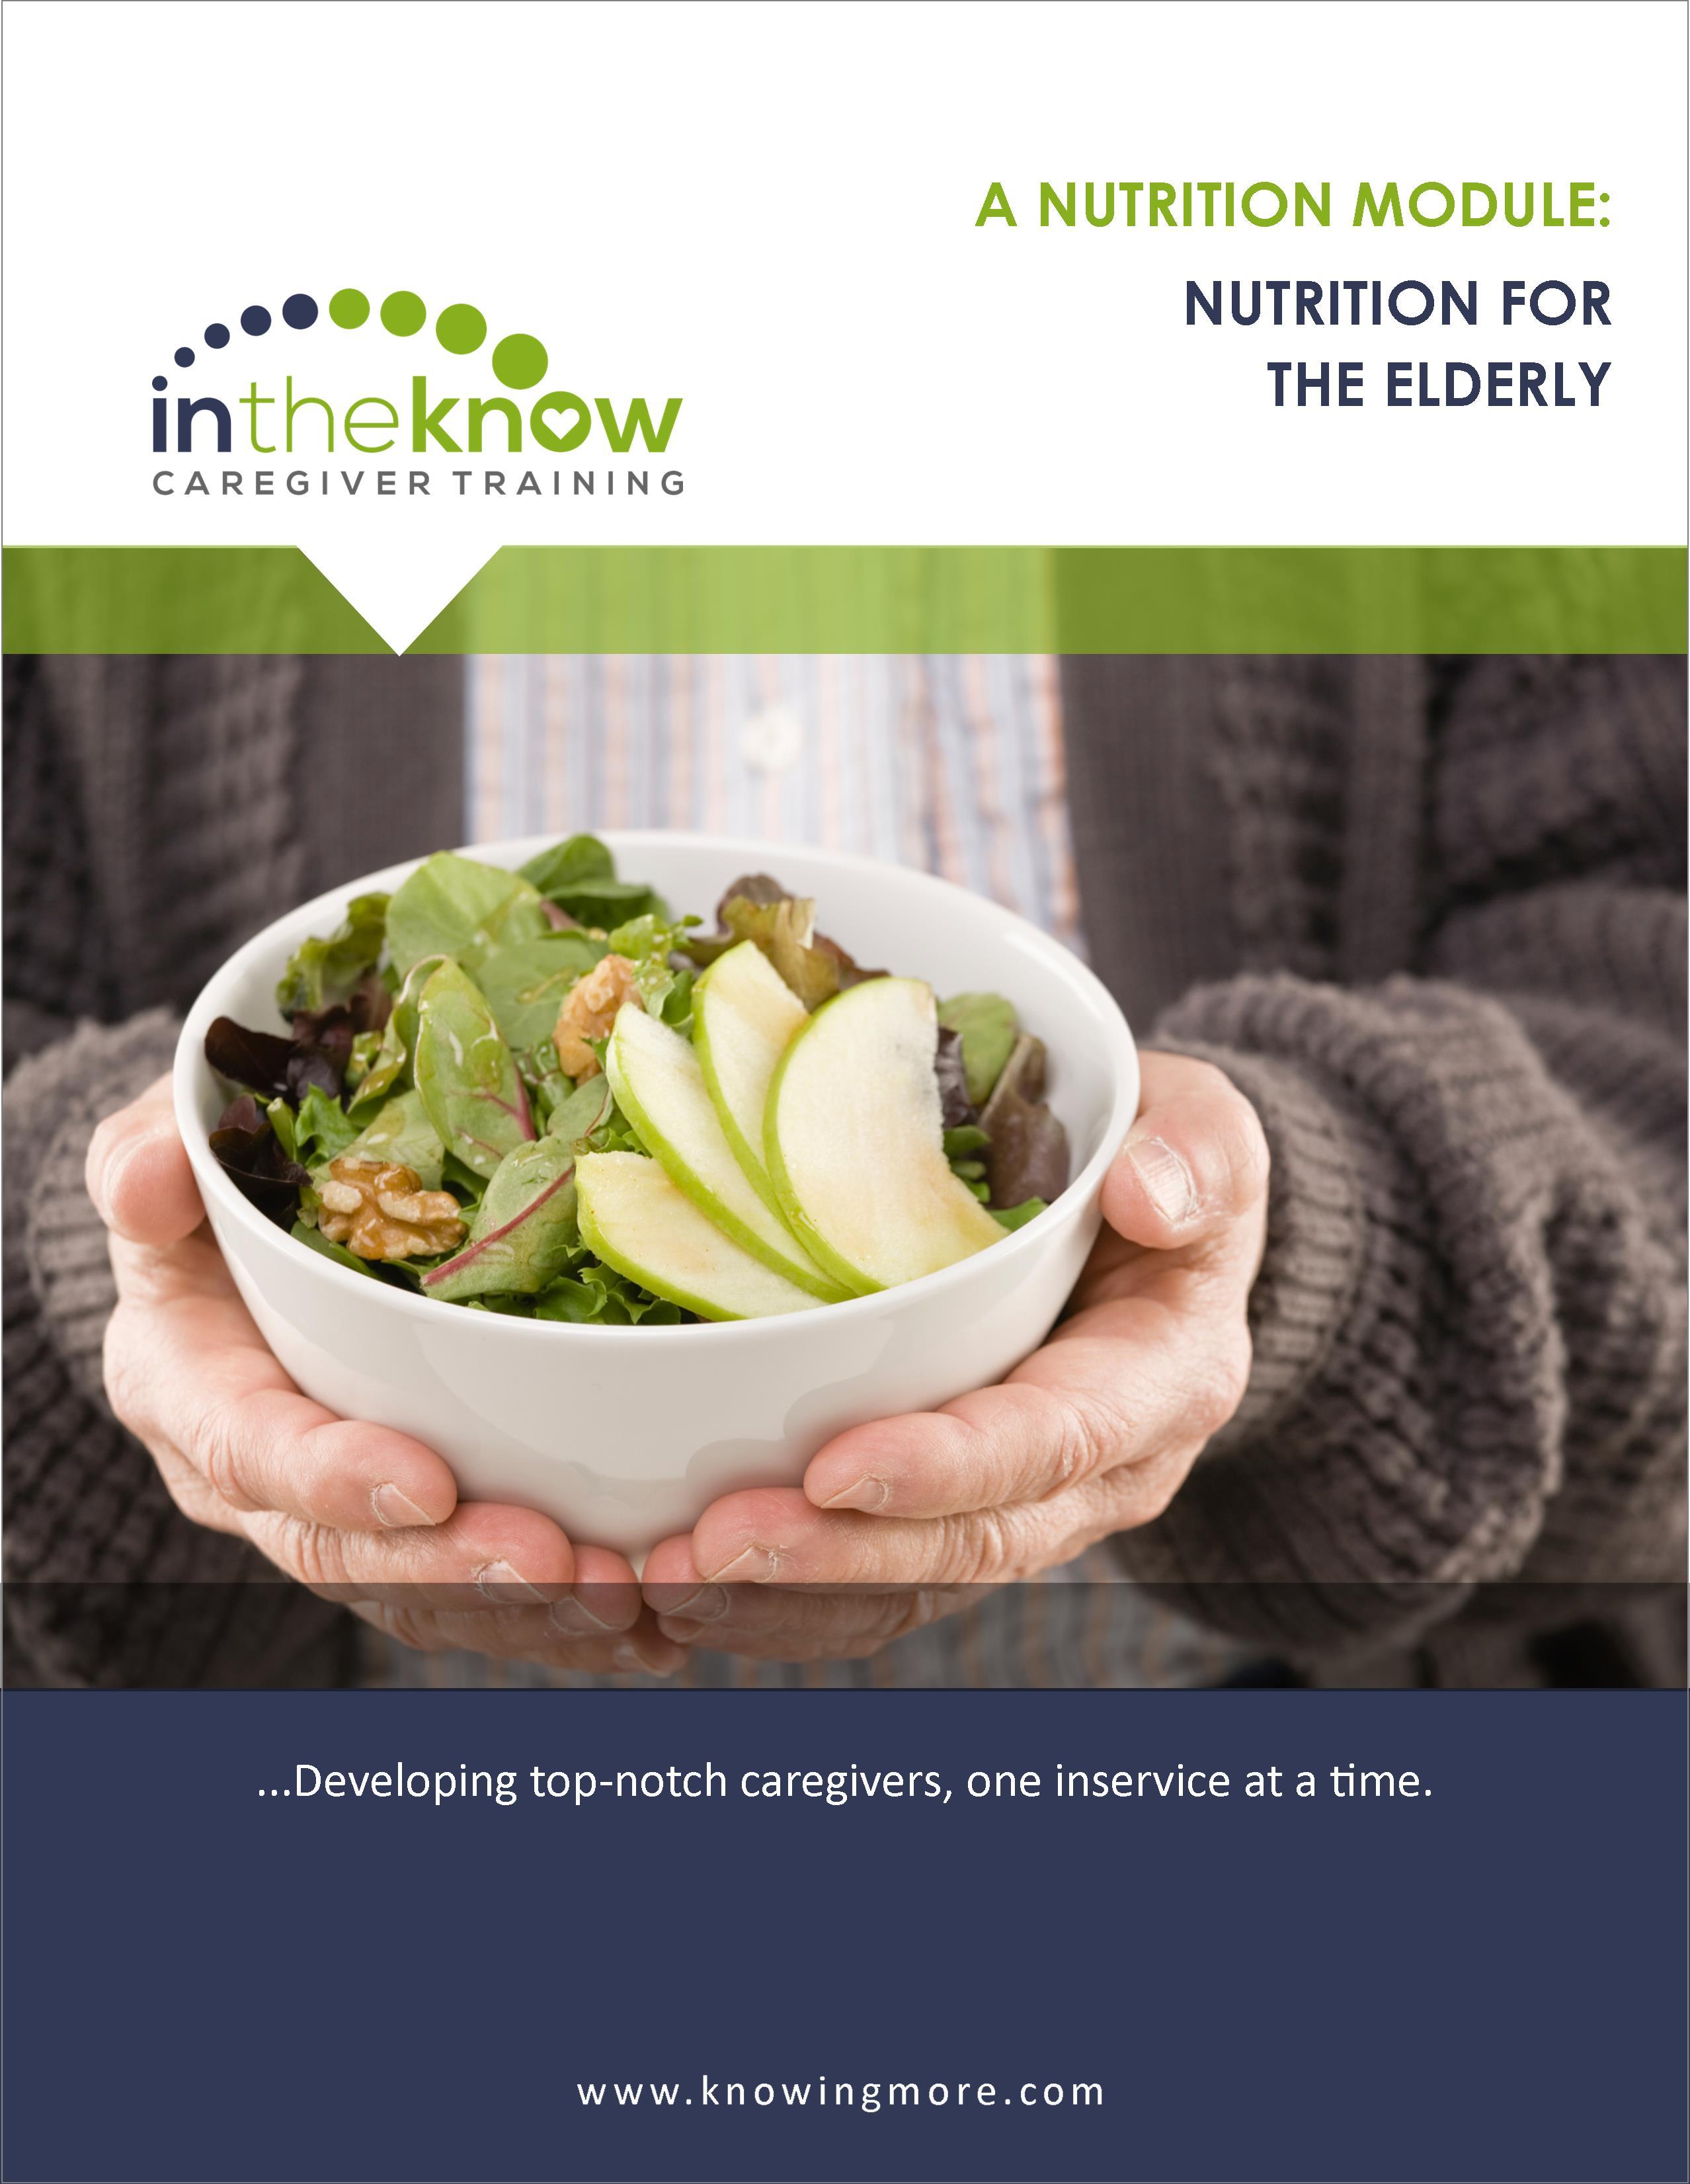 Nutrition20for20Elderly-1.jpg